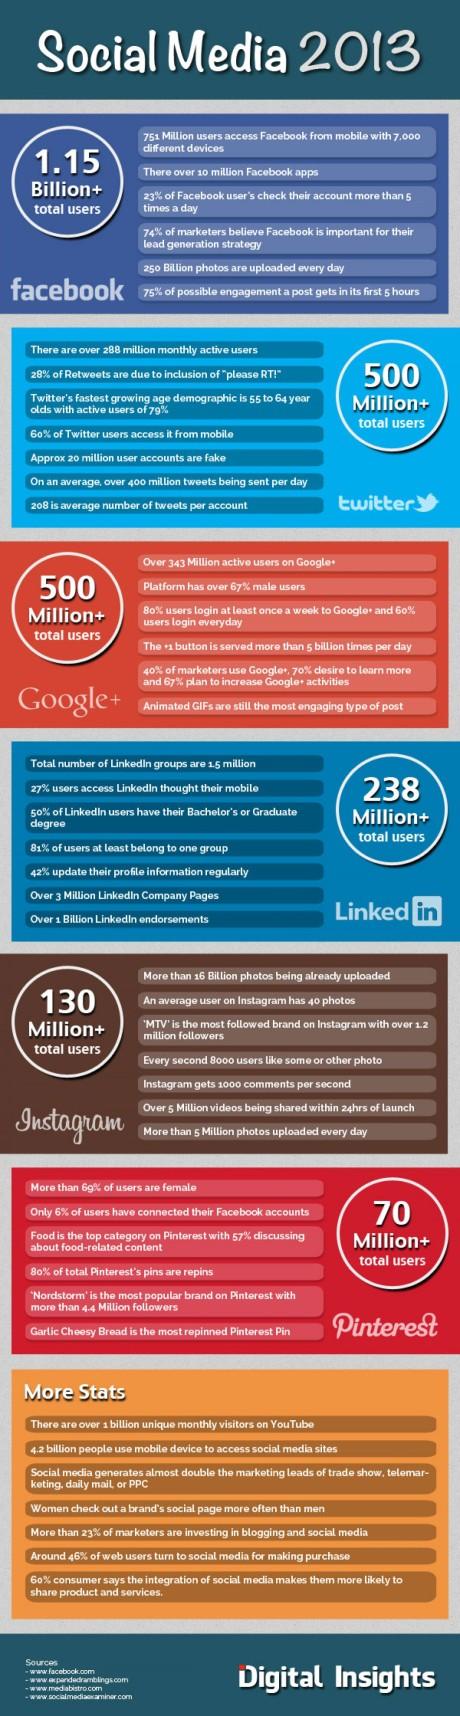 Social Media Stats for 2013